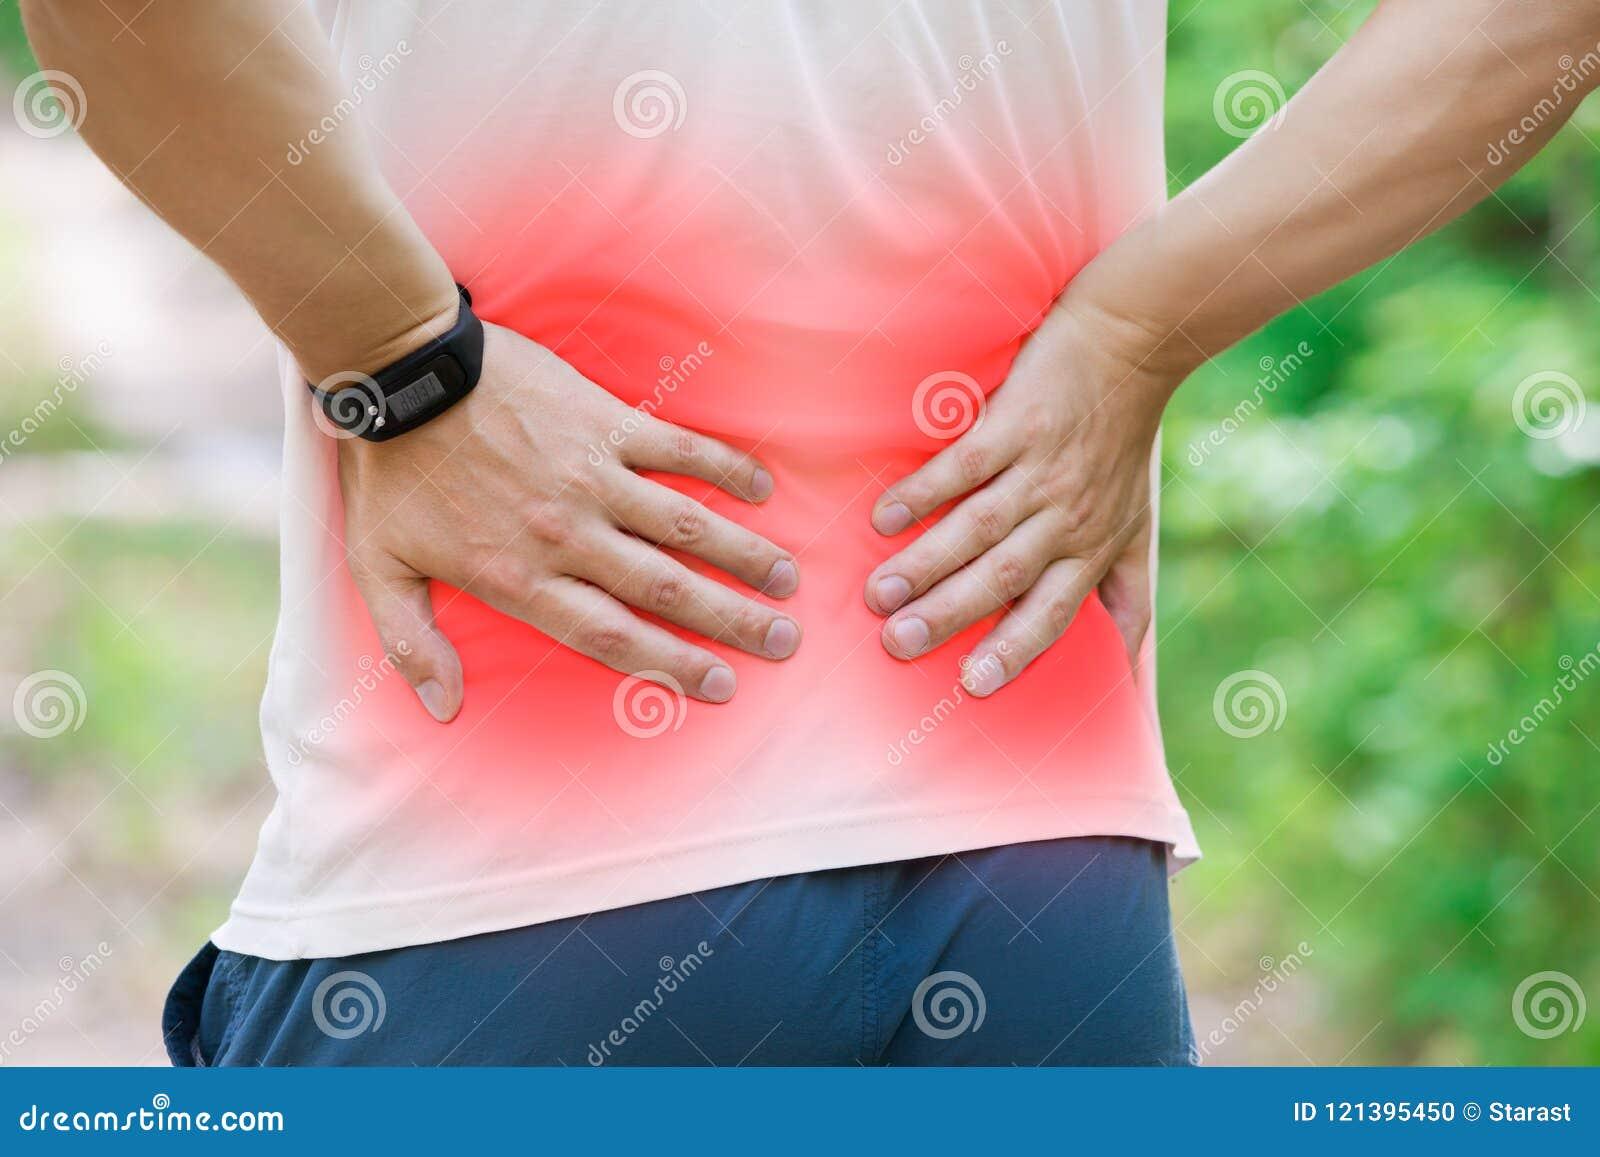 Homem com dor nas costas, inflamação do rim, traumatismo durante o exercício